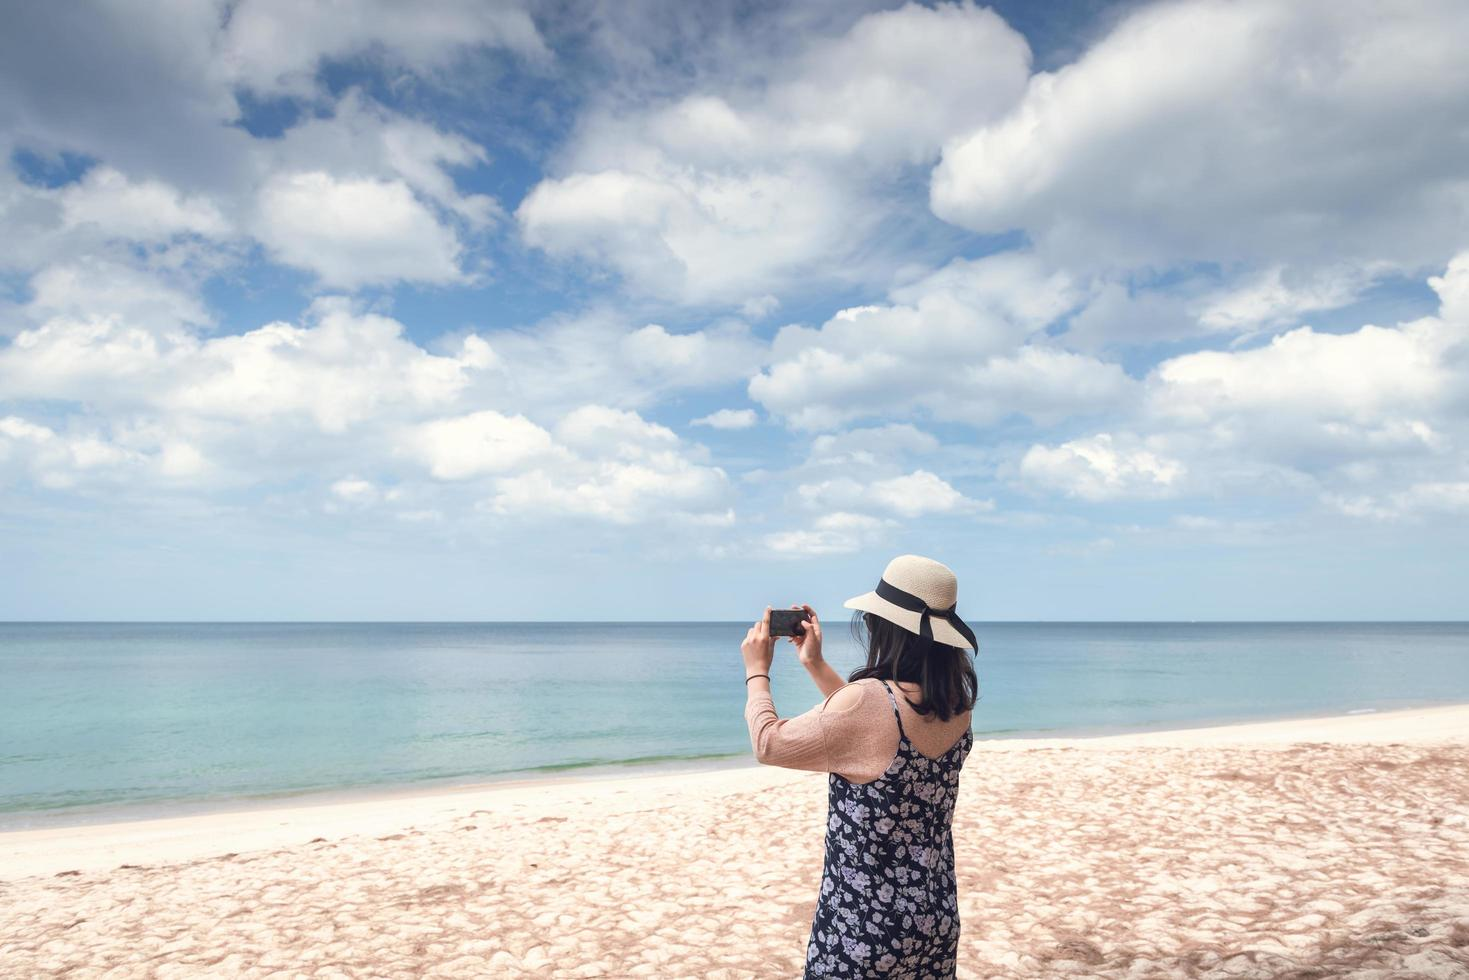 donna che cattura fotografia in spiaggia foto